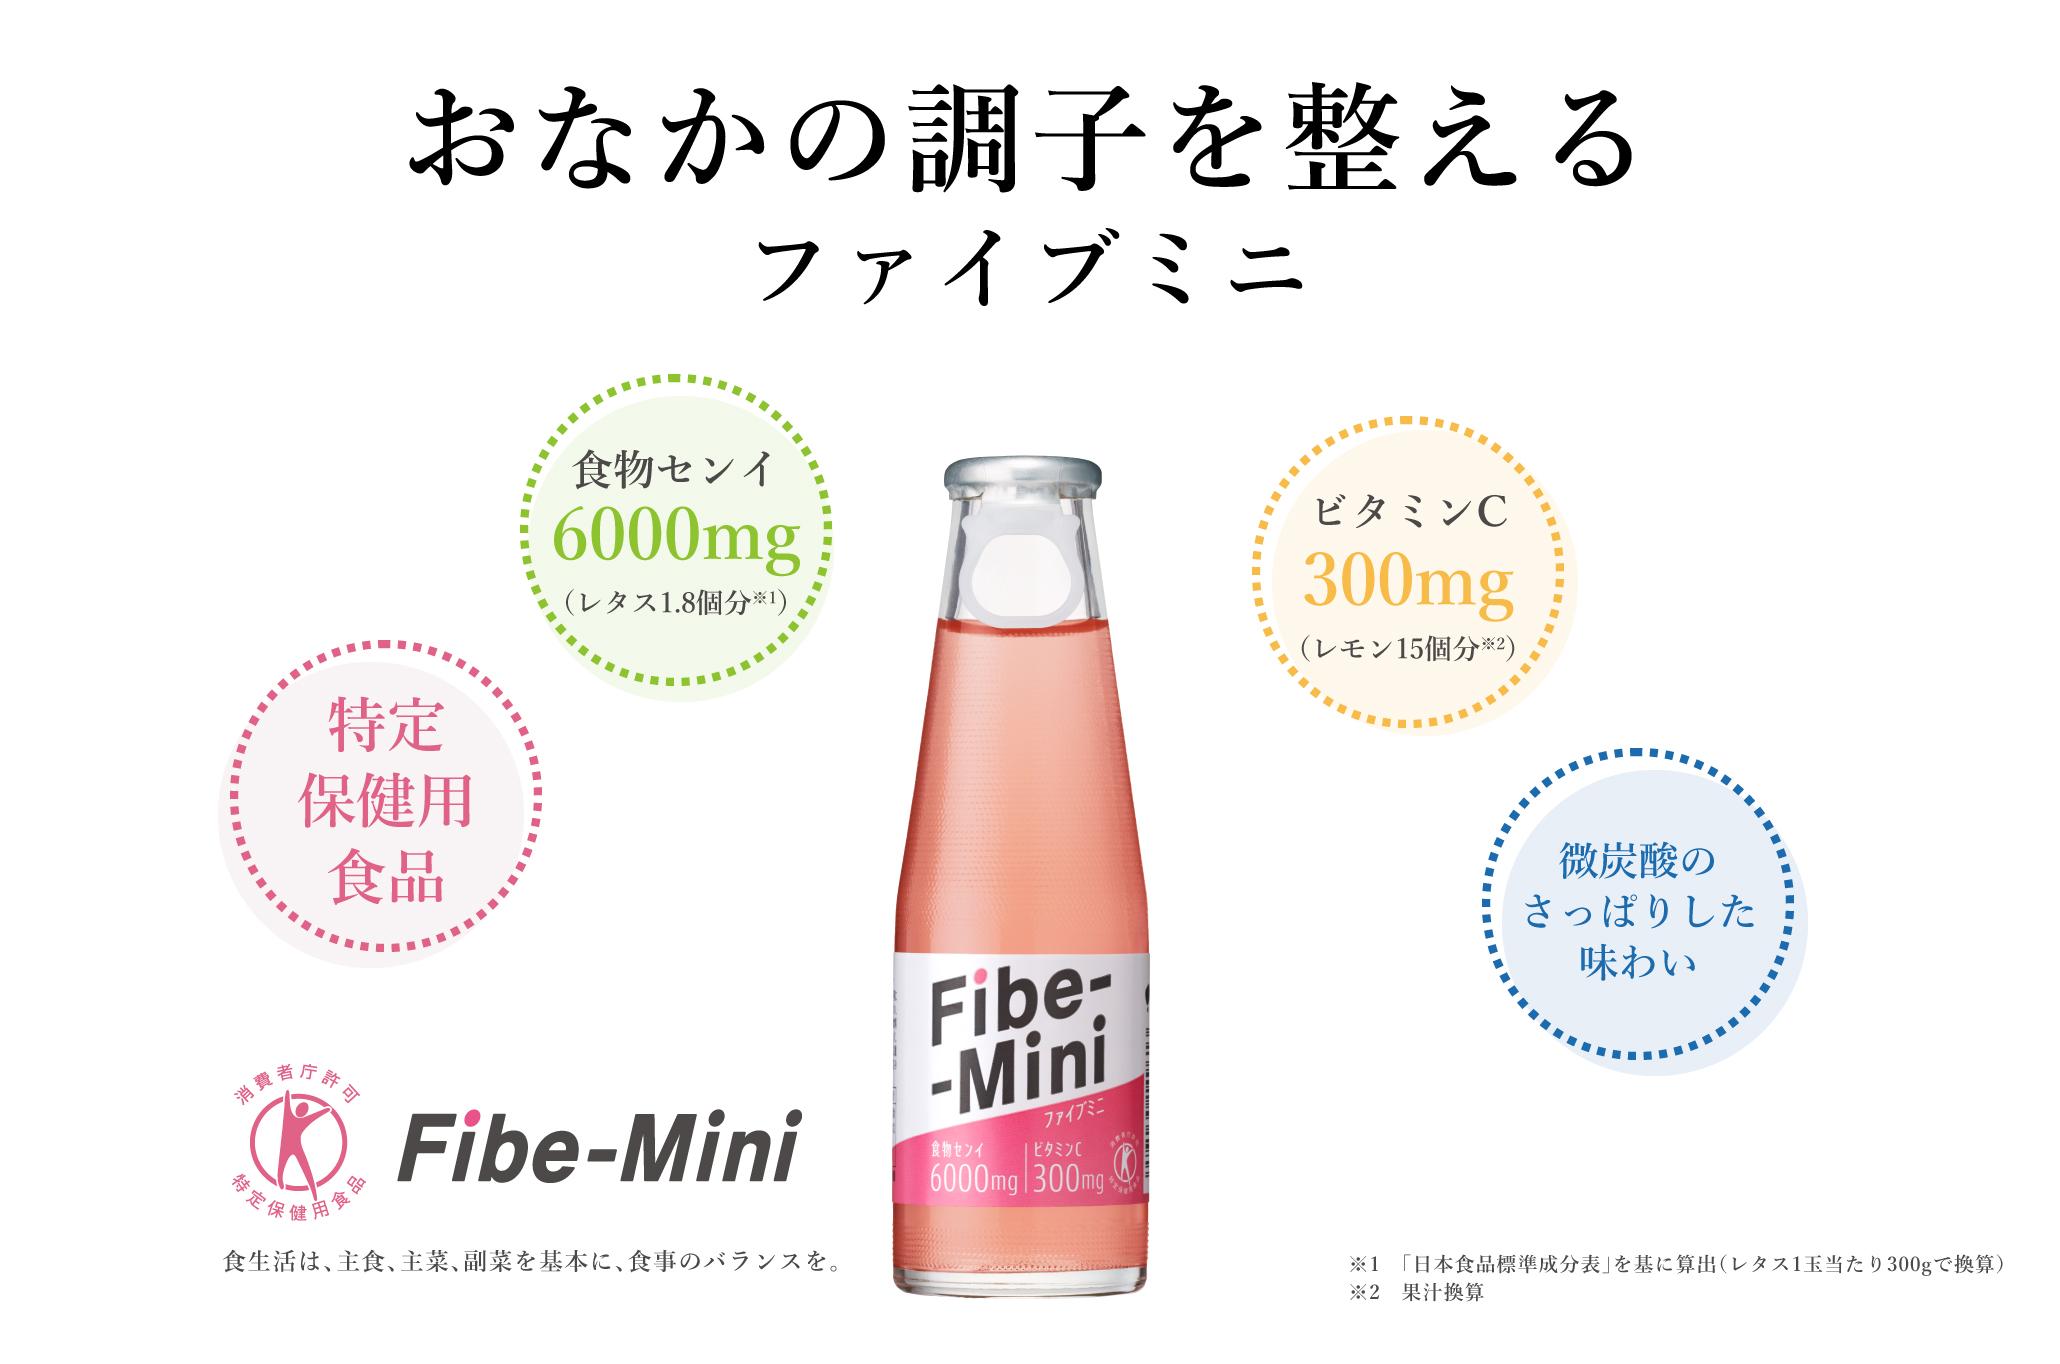 ファイブミニ公式サイト|大塚製...